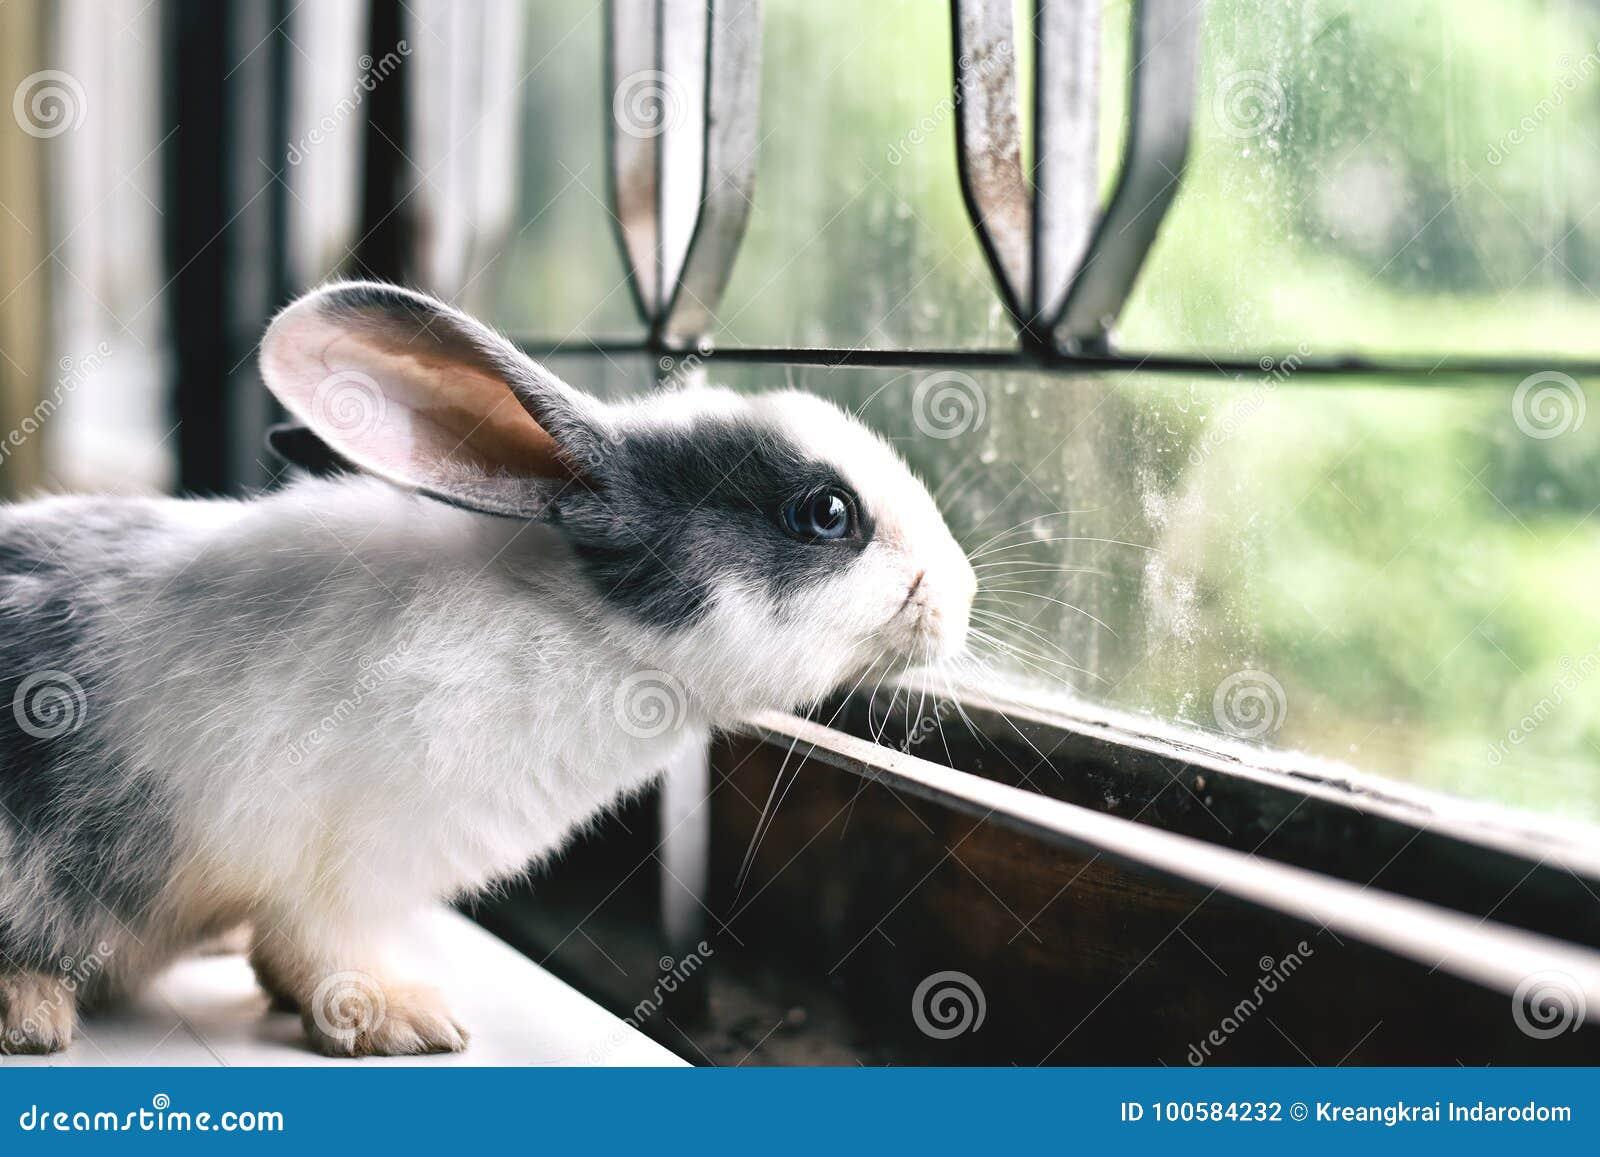 Άσπρο κουνέλι που κοιτάζει μέσω του παραθύρου, περίεργου λίγο λαγουδάκι που προσέχει έξω το παράθυρο στην ηλιόλουστη ημέρα